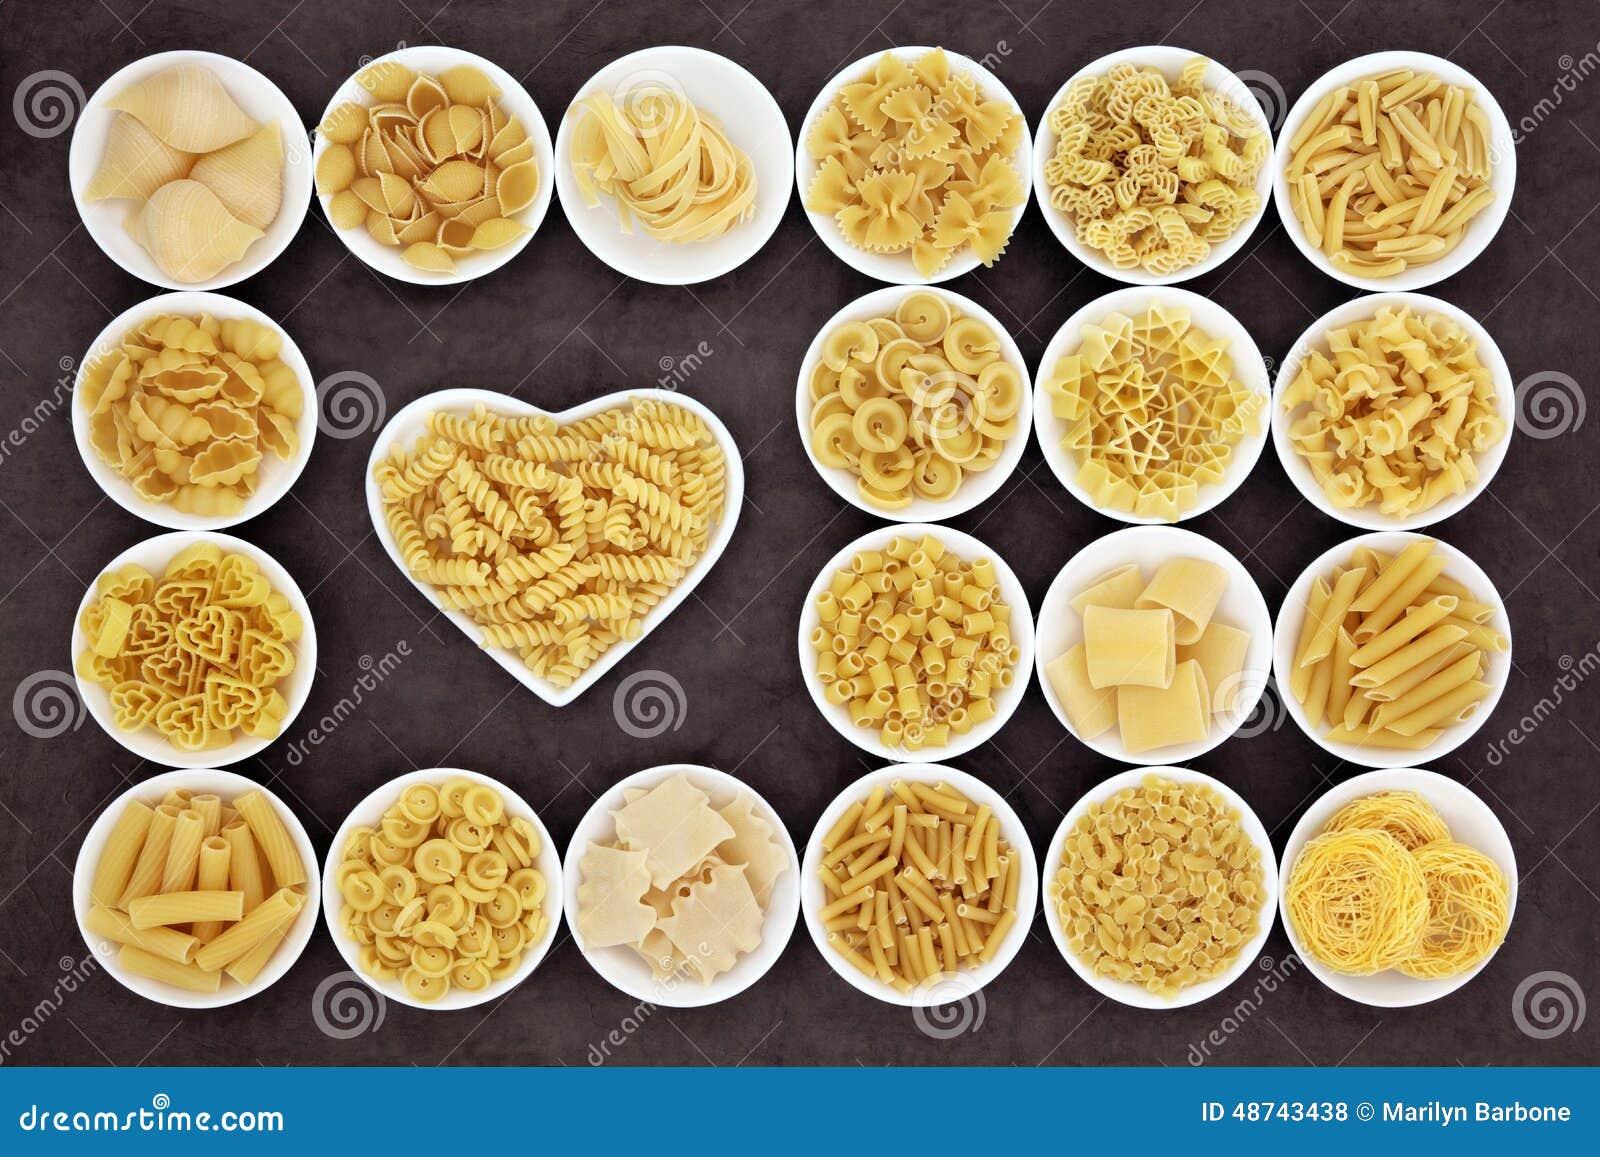 我爱意大利面食